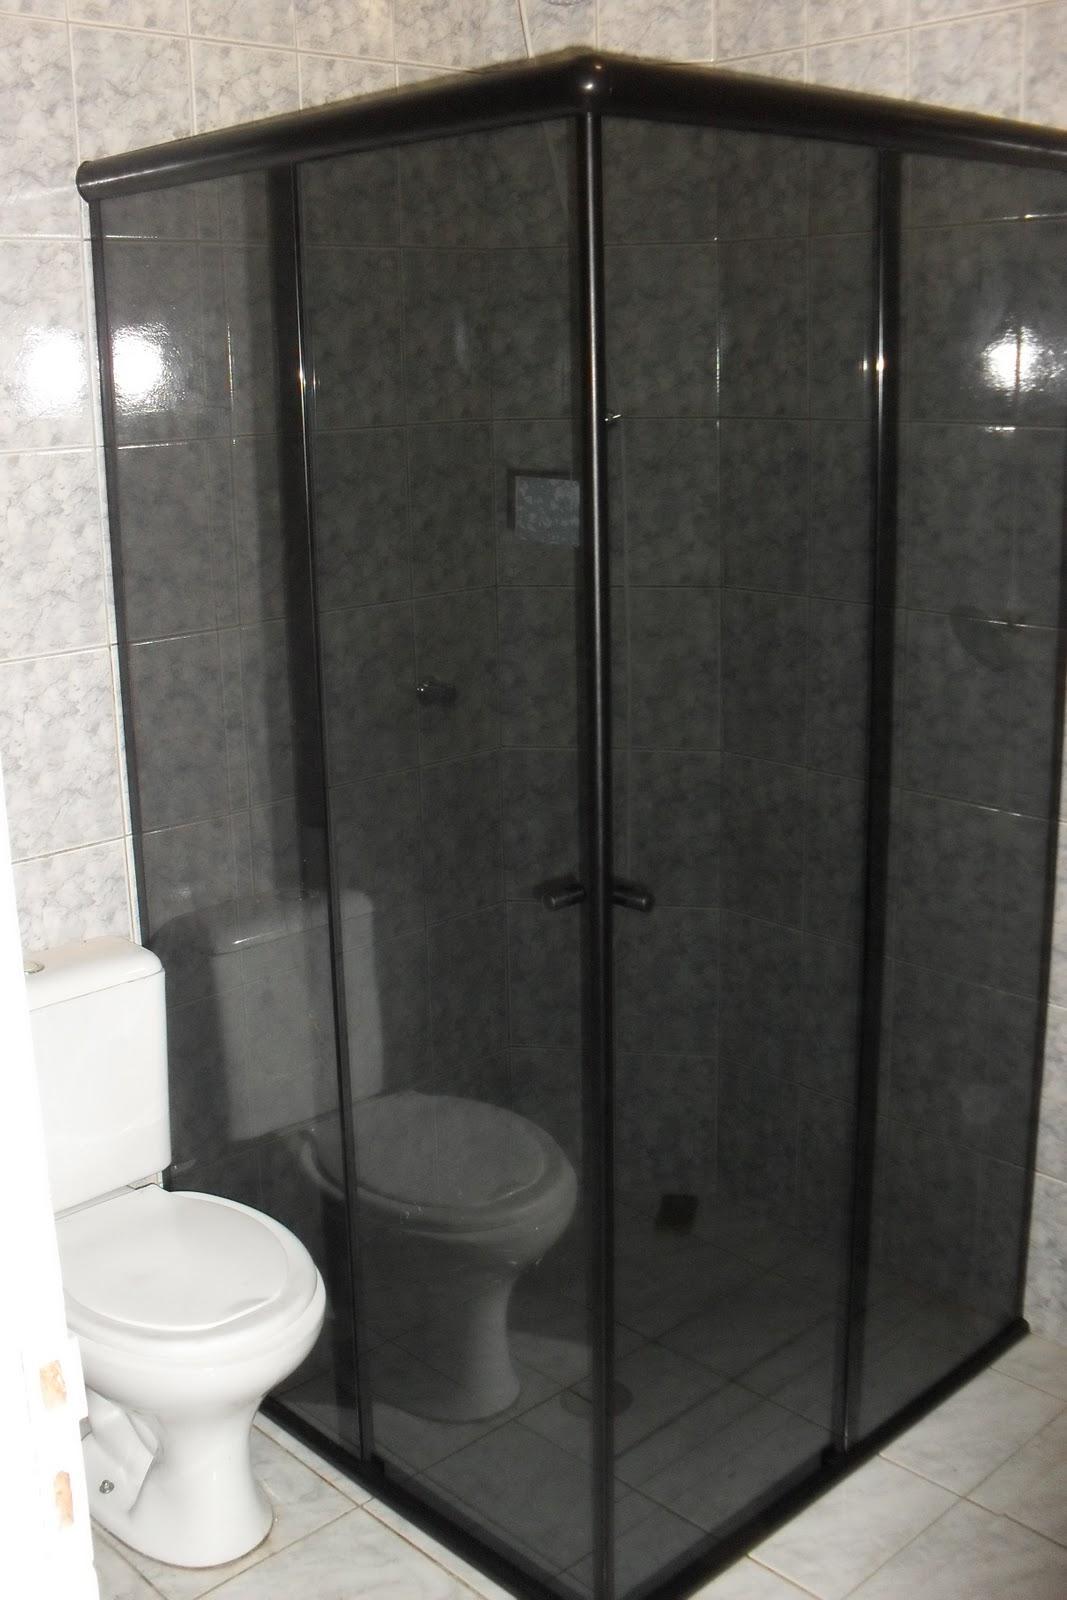 Imagens de #756756 Qual a cor ideal de um box para banheiro? 1067x1600 px 3256 Box Acrilico Para Banheiro Em Salvador